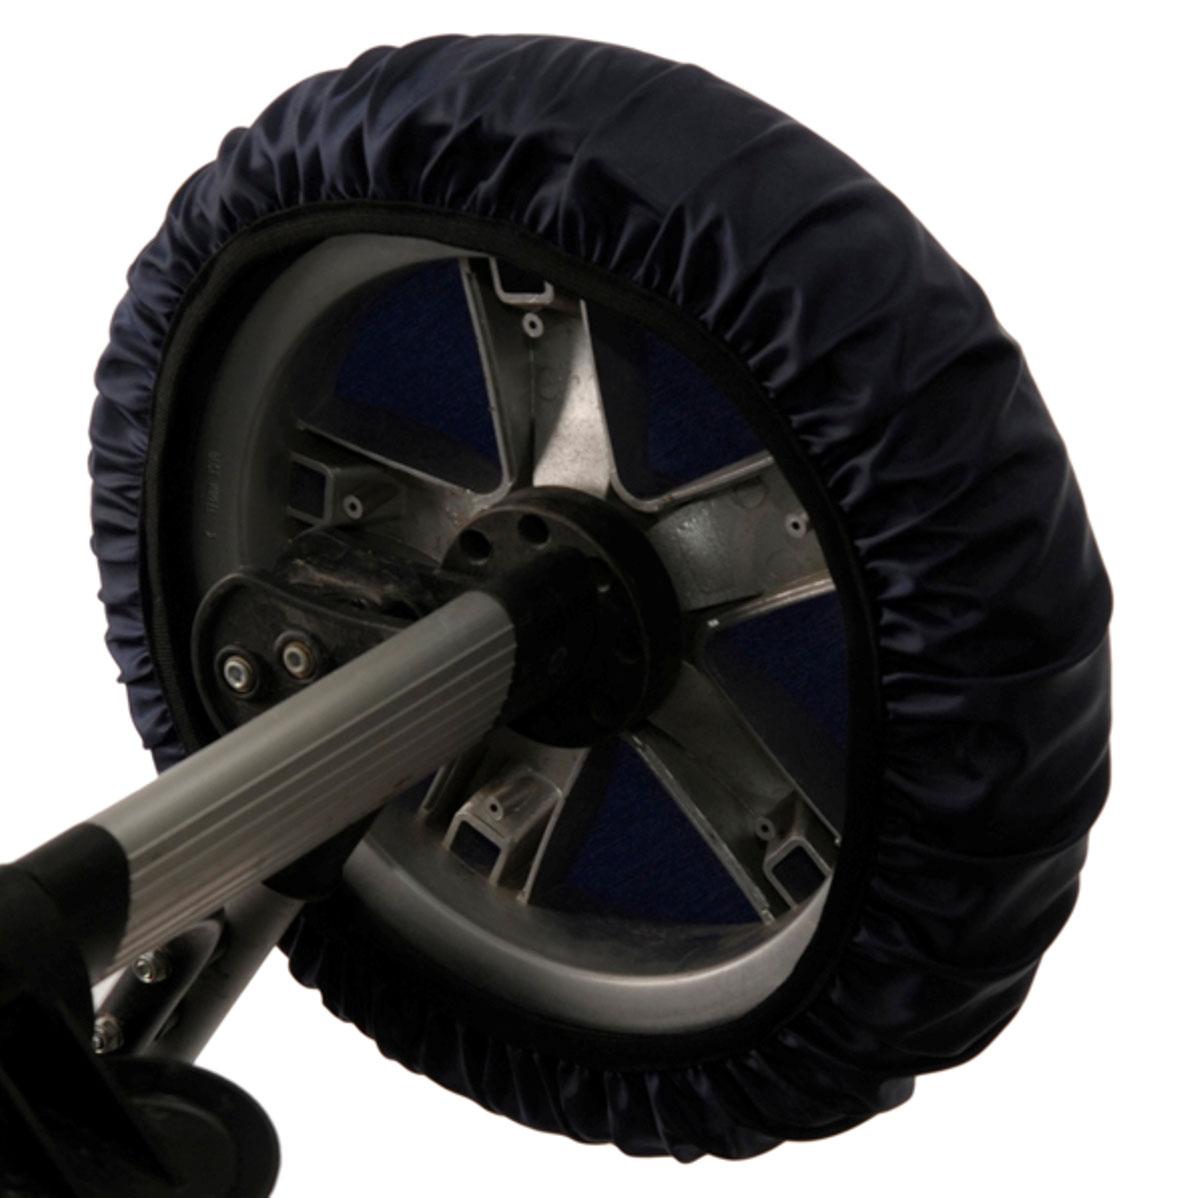 Чудо-Чадо Чехлы на колеса для коляски диаметр 18-28 см цвет темно-синий 4 шт чехлы колеса детской коляски